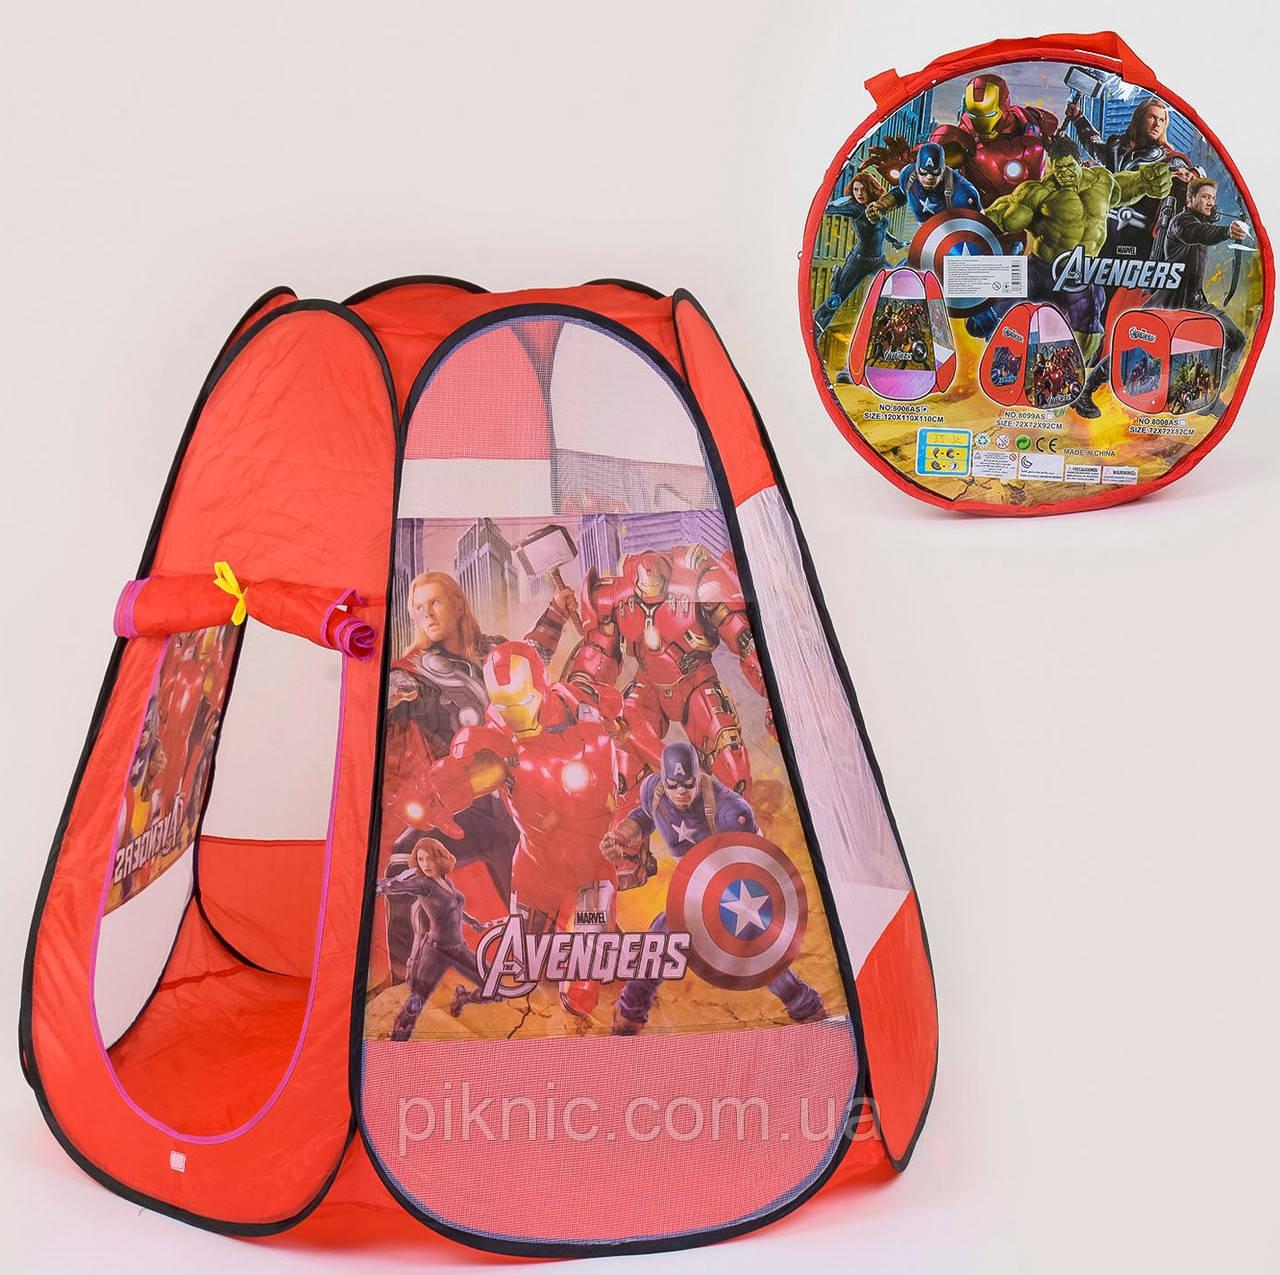 Палатка домик Супергерои для мальчиков 120х110х110 см. Детская палатка для дома и отдыха на улице